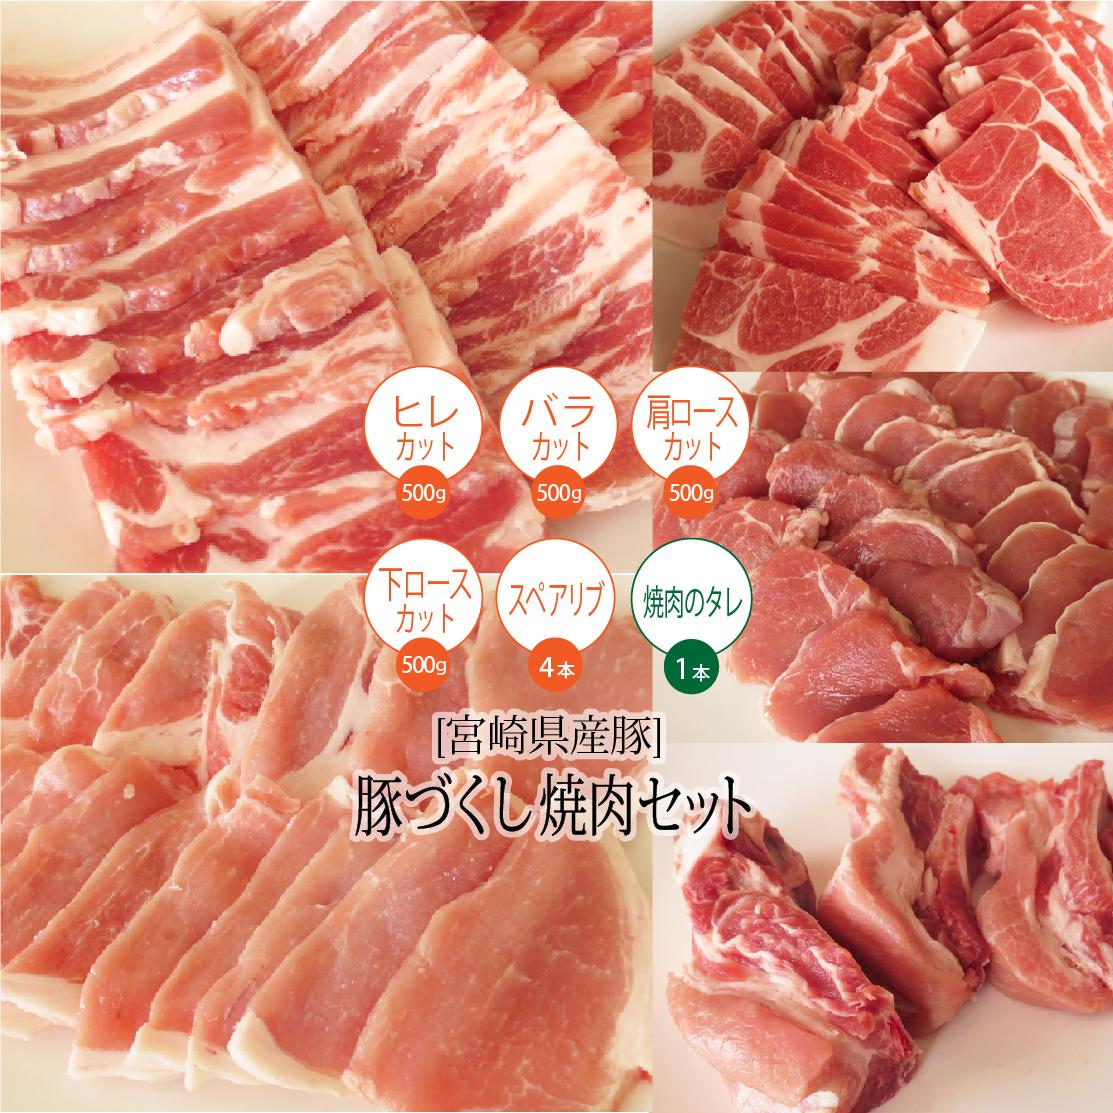 【ふるさと納税】豚 宮崎県産豚 焼肉セット 約2.4kg 豚肉 ヒレ バラ 肩ロース 下ロース スペアリブ 焼肉 タレ 詰め合わせ 送料無料